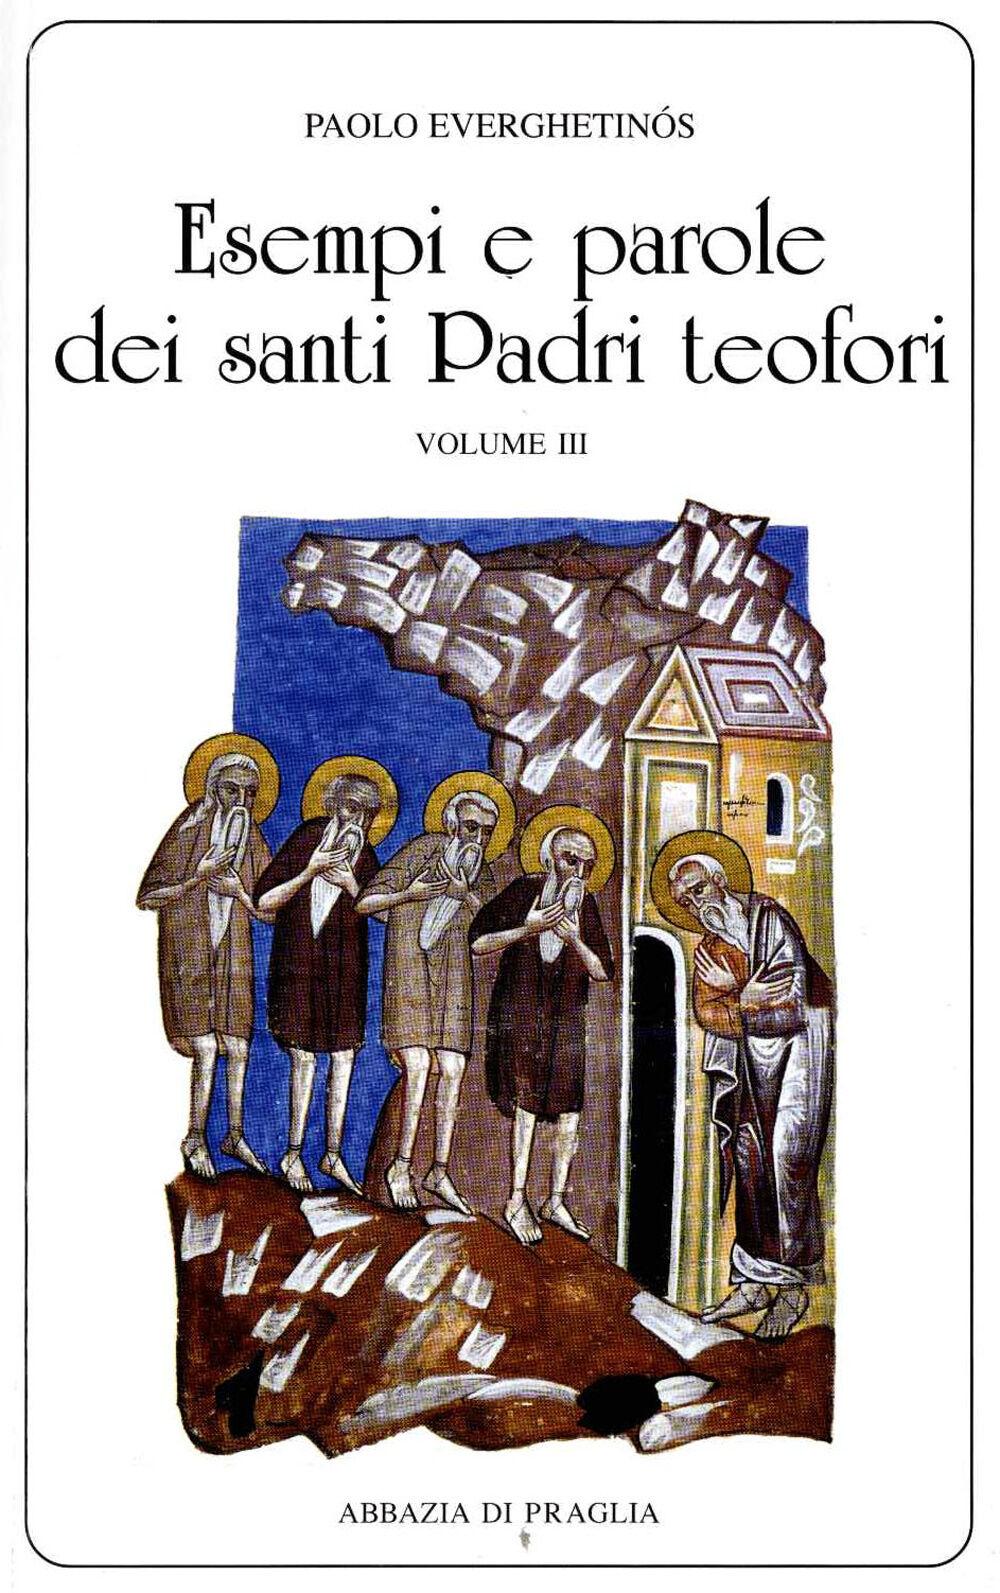 Esempi e parole dei santi padri teofori. Vol. 3